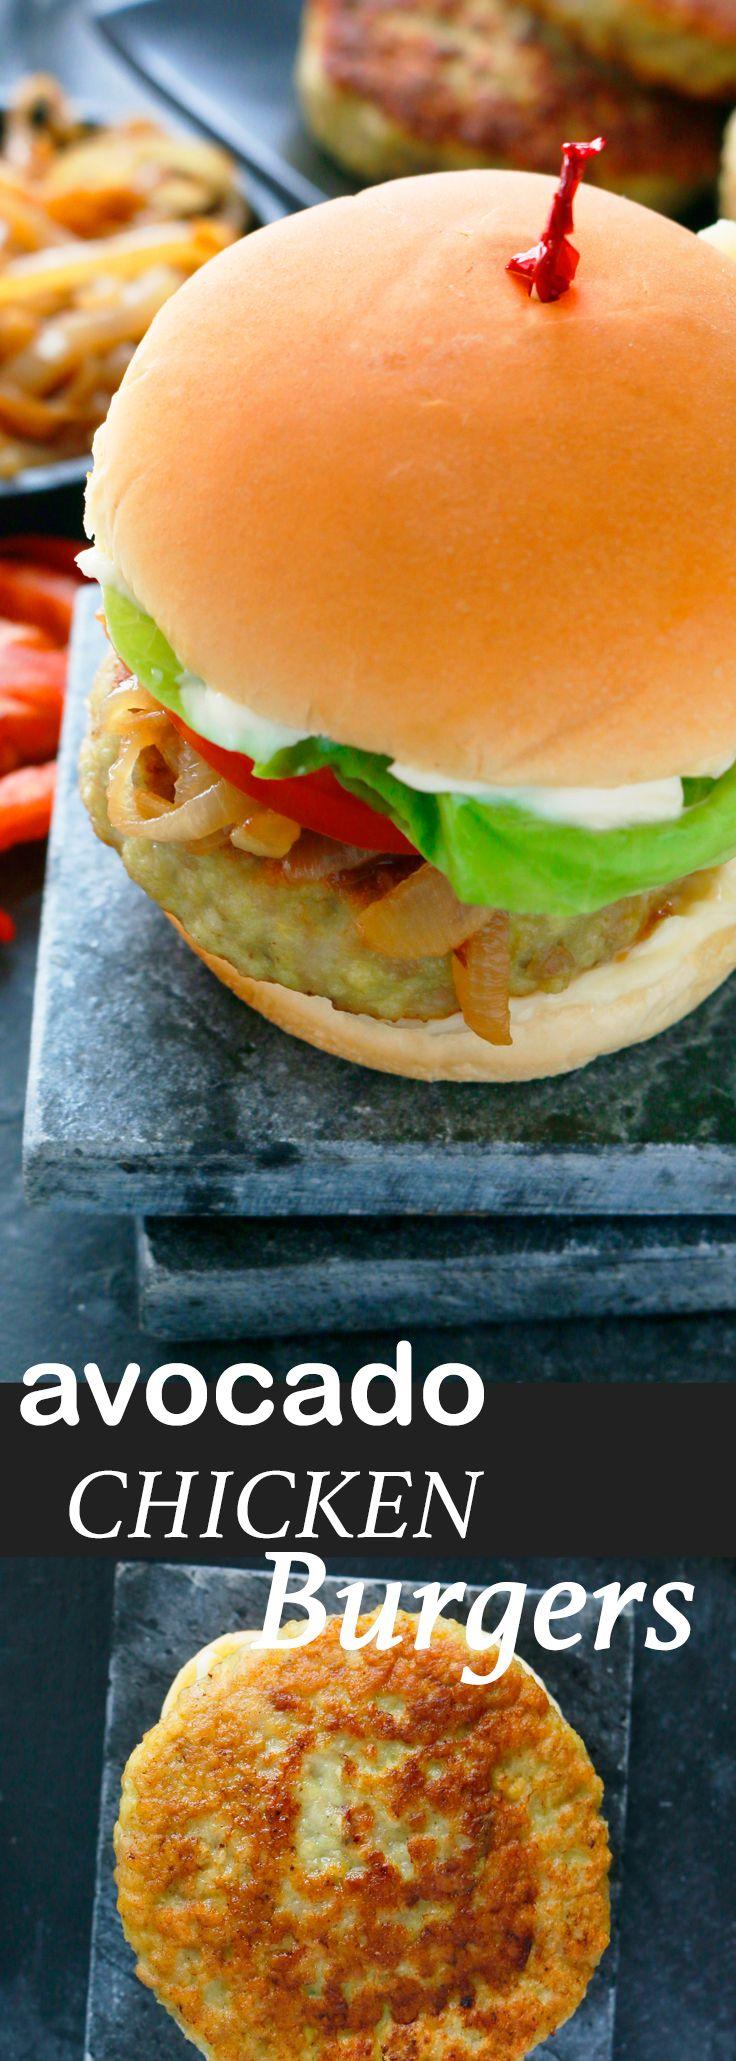 avocado chicken burger | healthy chicken burger | avocado burger | Easy chicken burger | chicken burger | healthy dinner recipes | chicken dinner |